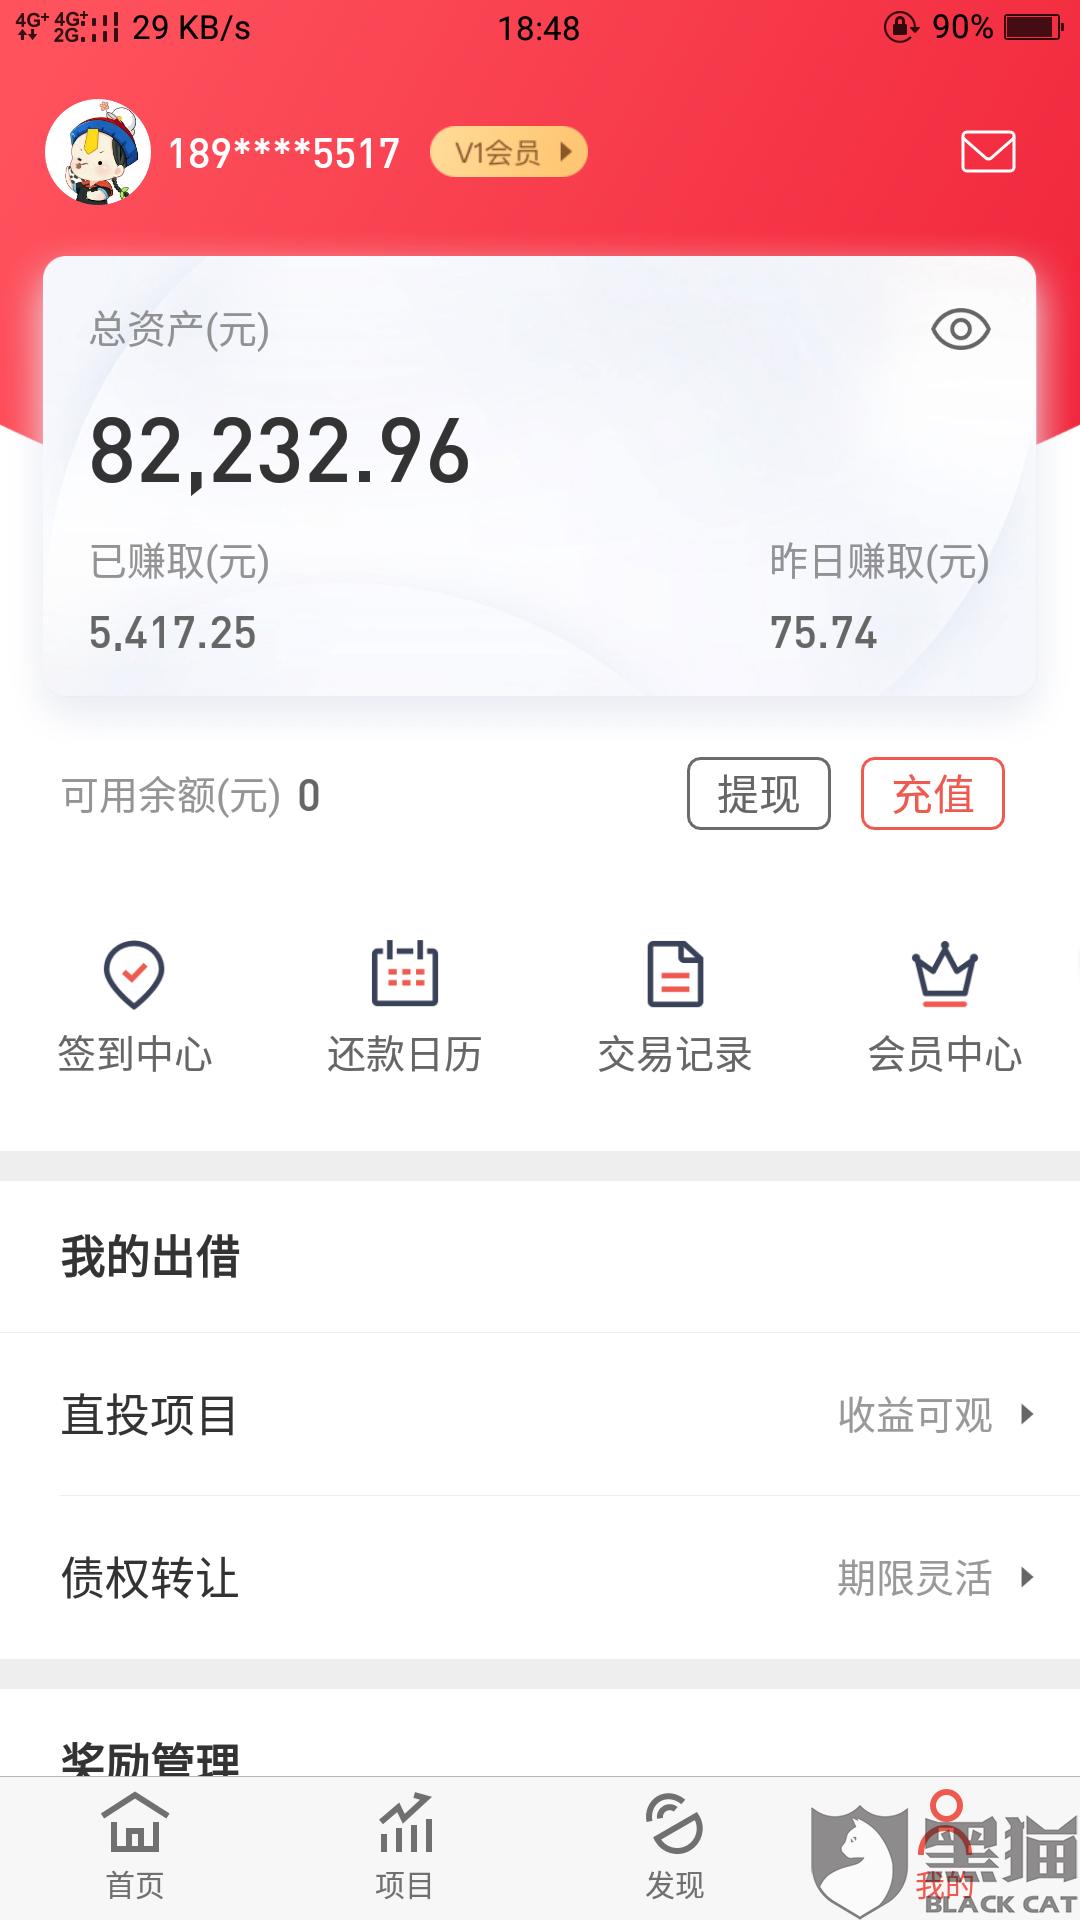 黑猫投诉:北京安投融爱投资APP